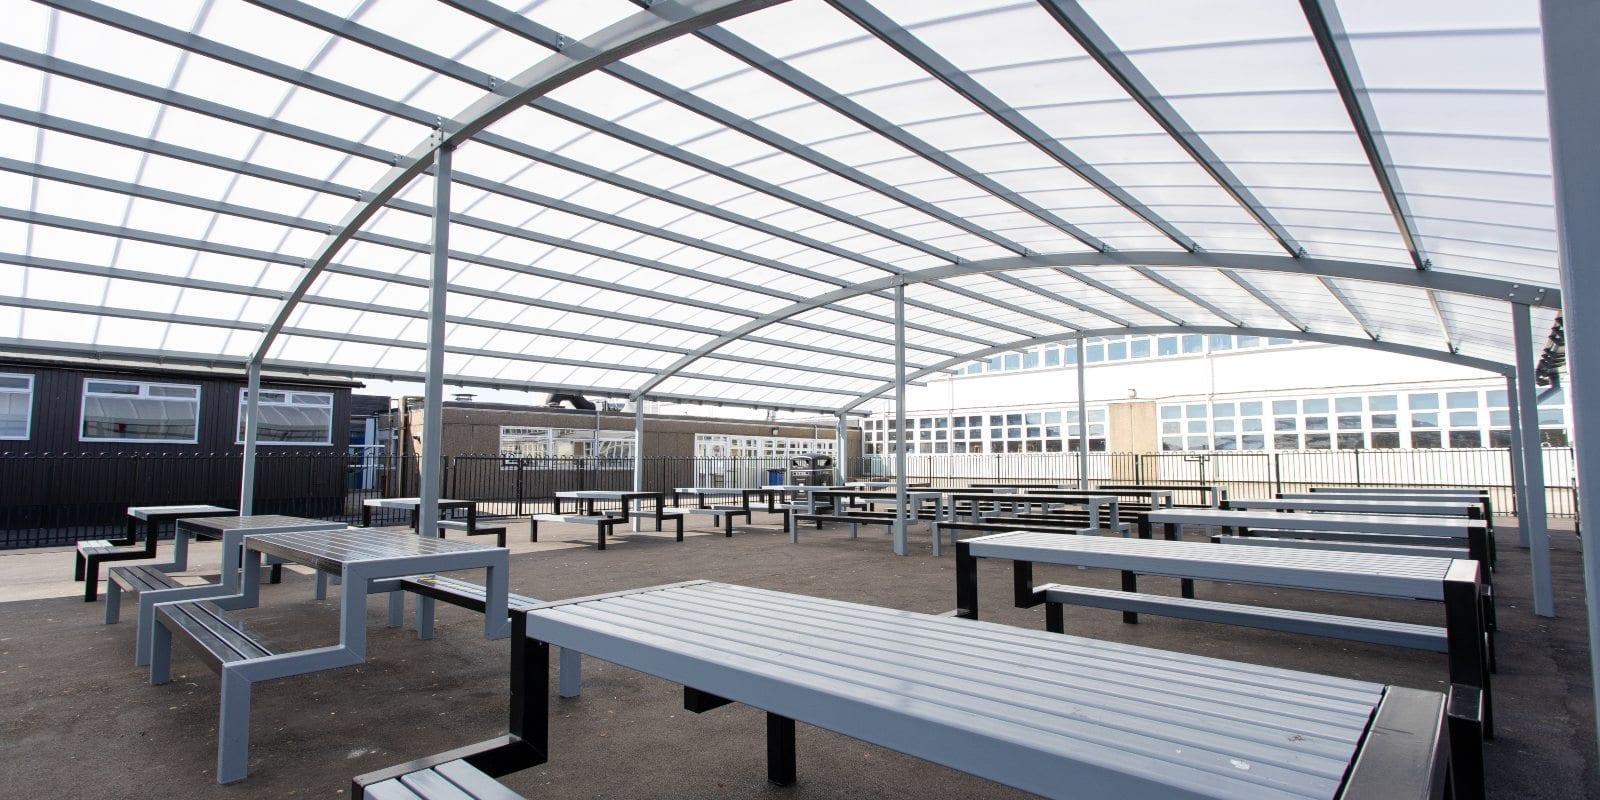 Freestanding shelter we built for John Taylor High School